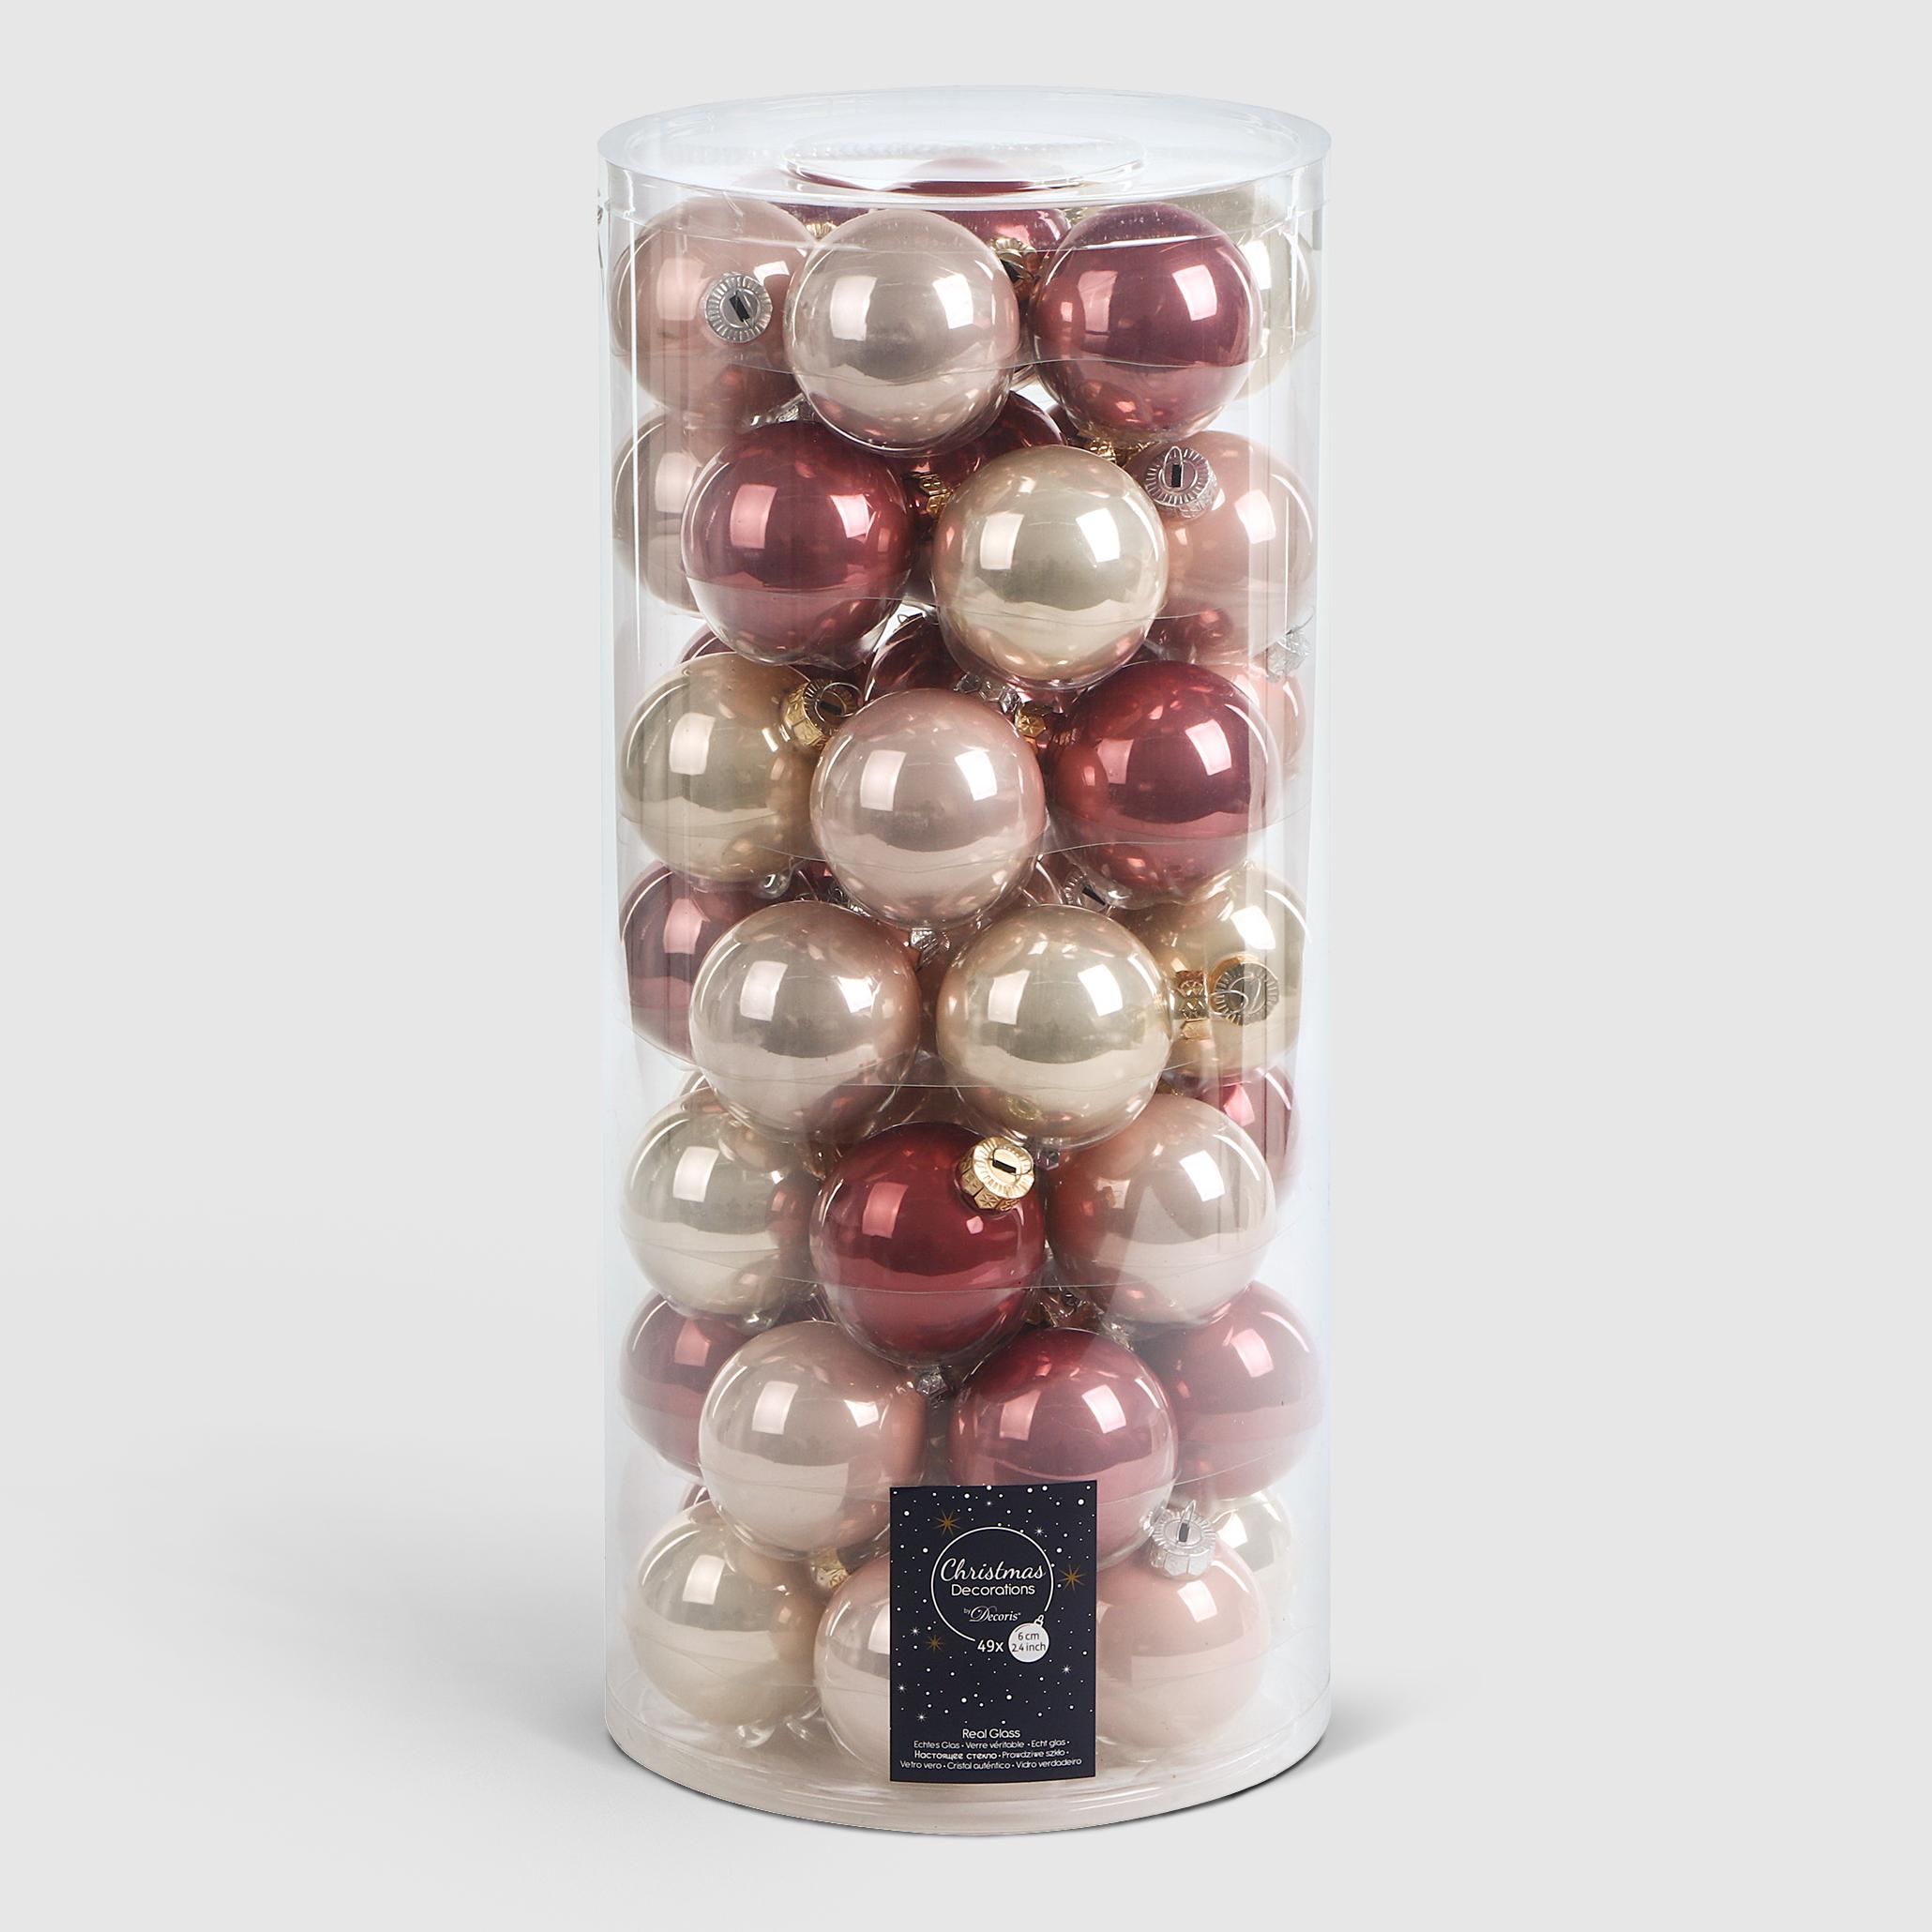 Набор шаров в тубе Kaemingk 6см 49шт в ассортименте стекло набор шаров в тубе kaemingk 6см 10шт бордо стекло